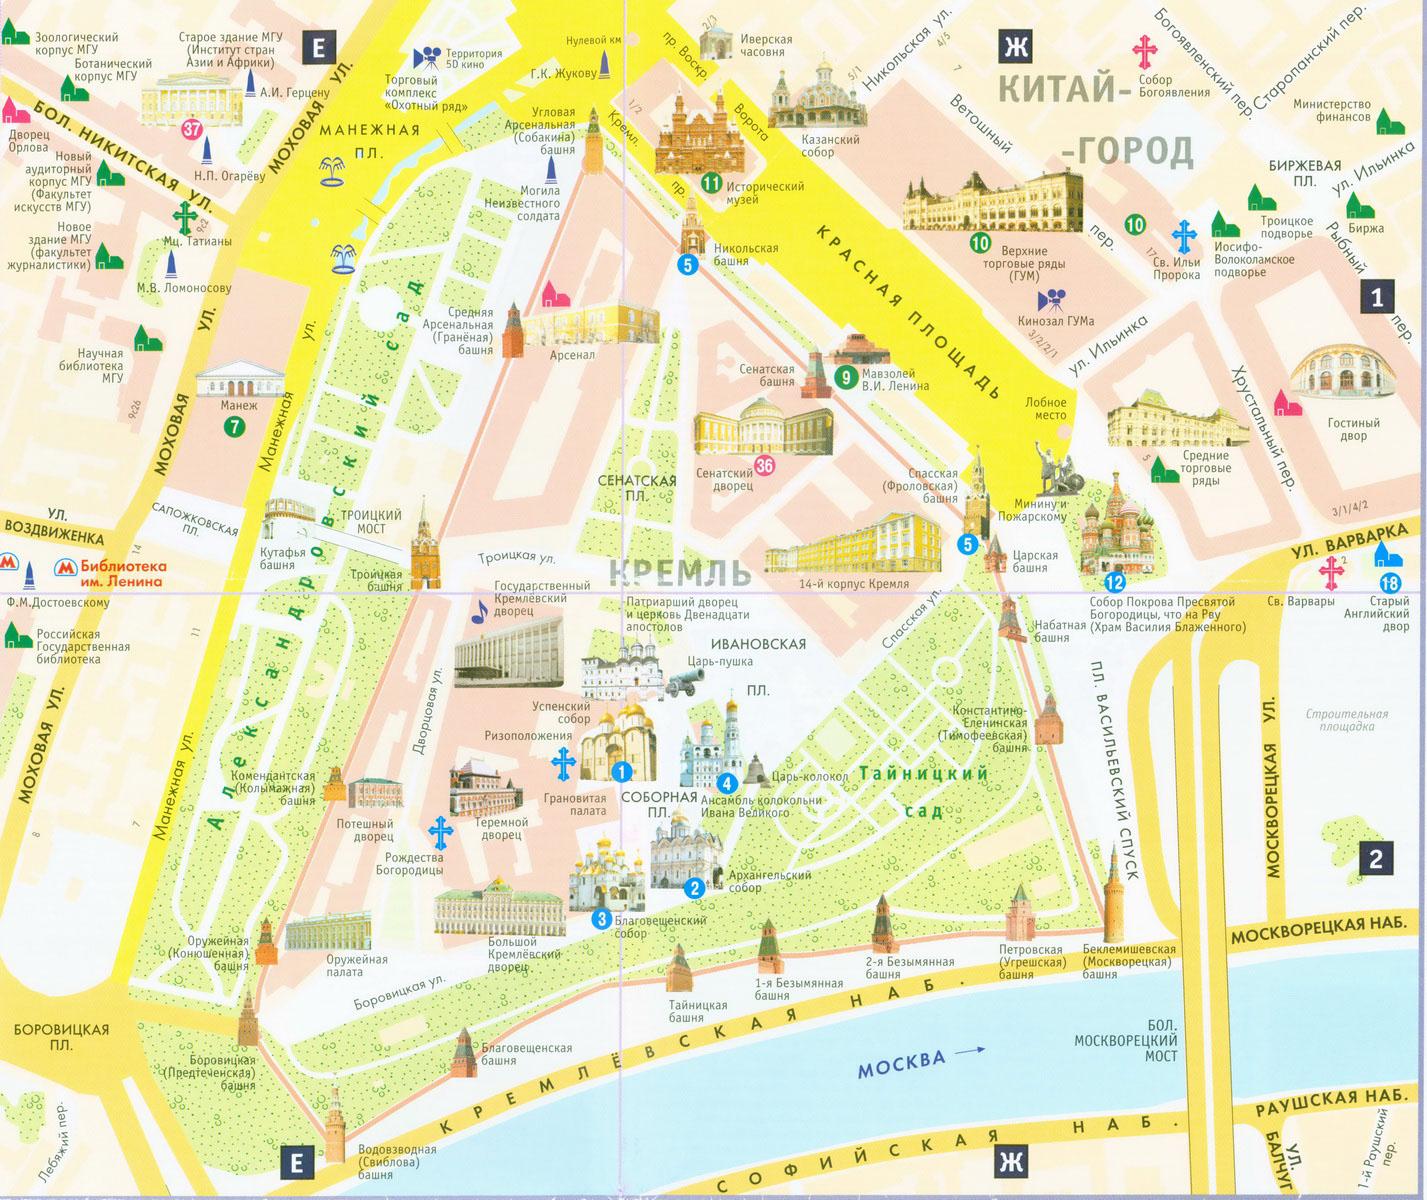 Схема кремля и красной площади с названиями фото 114